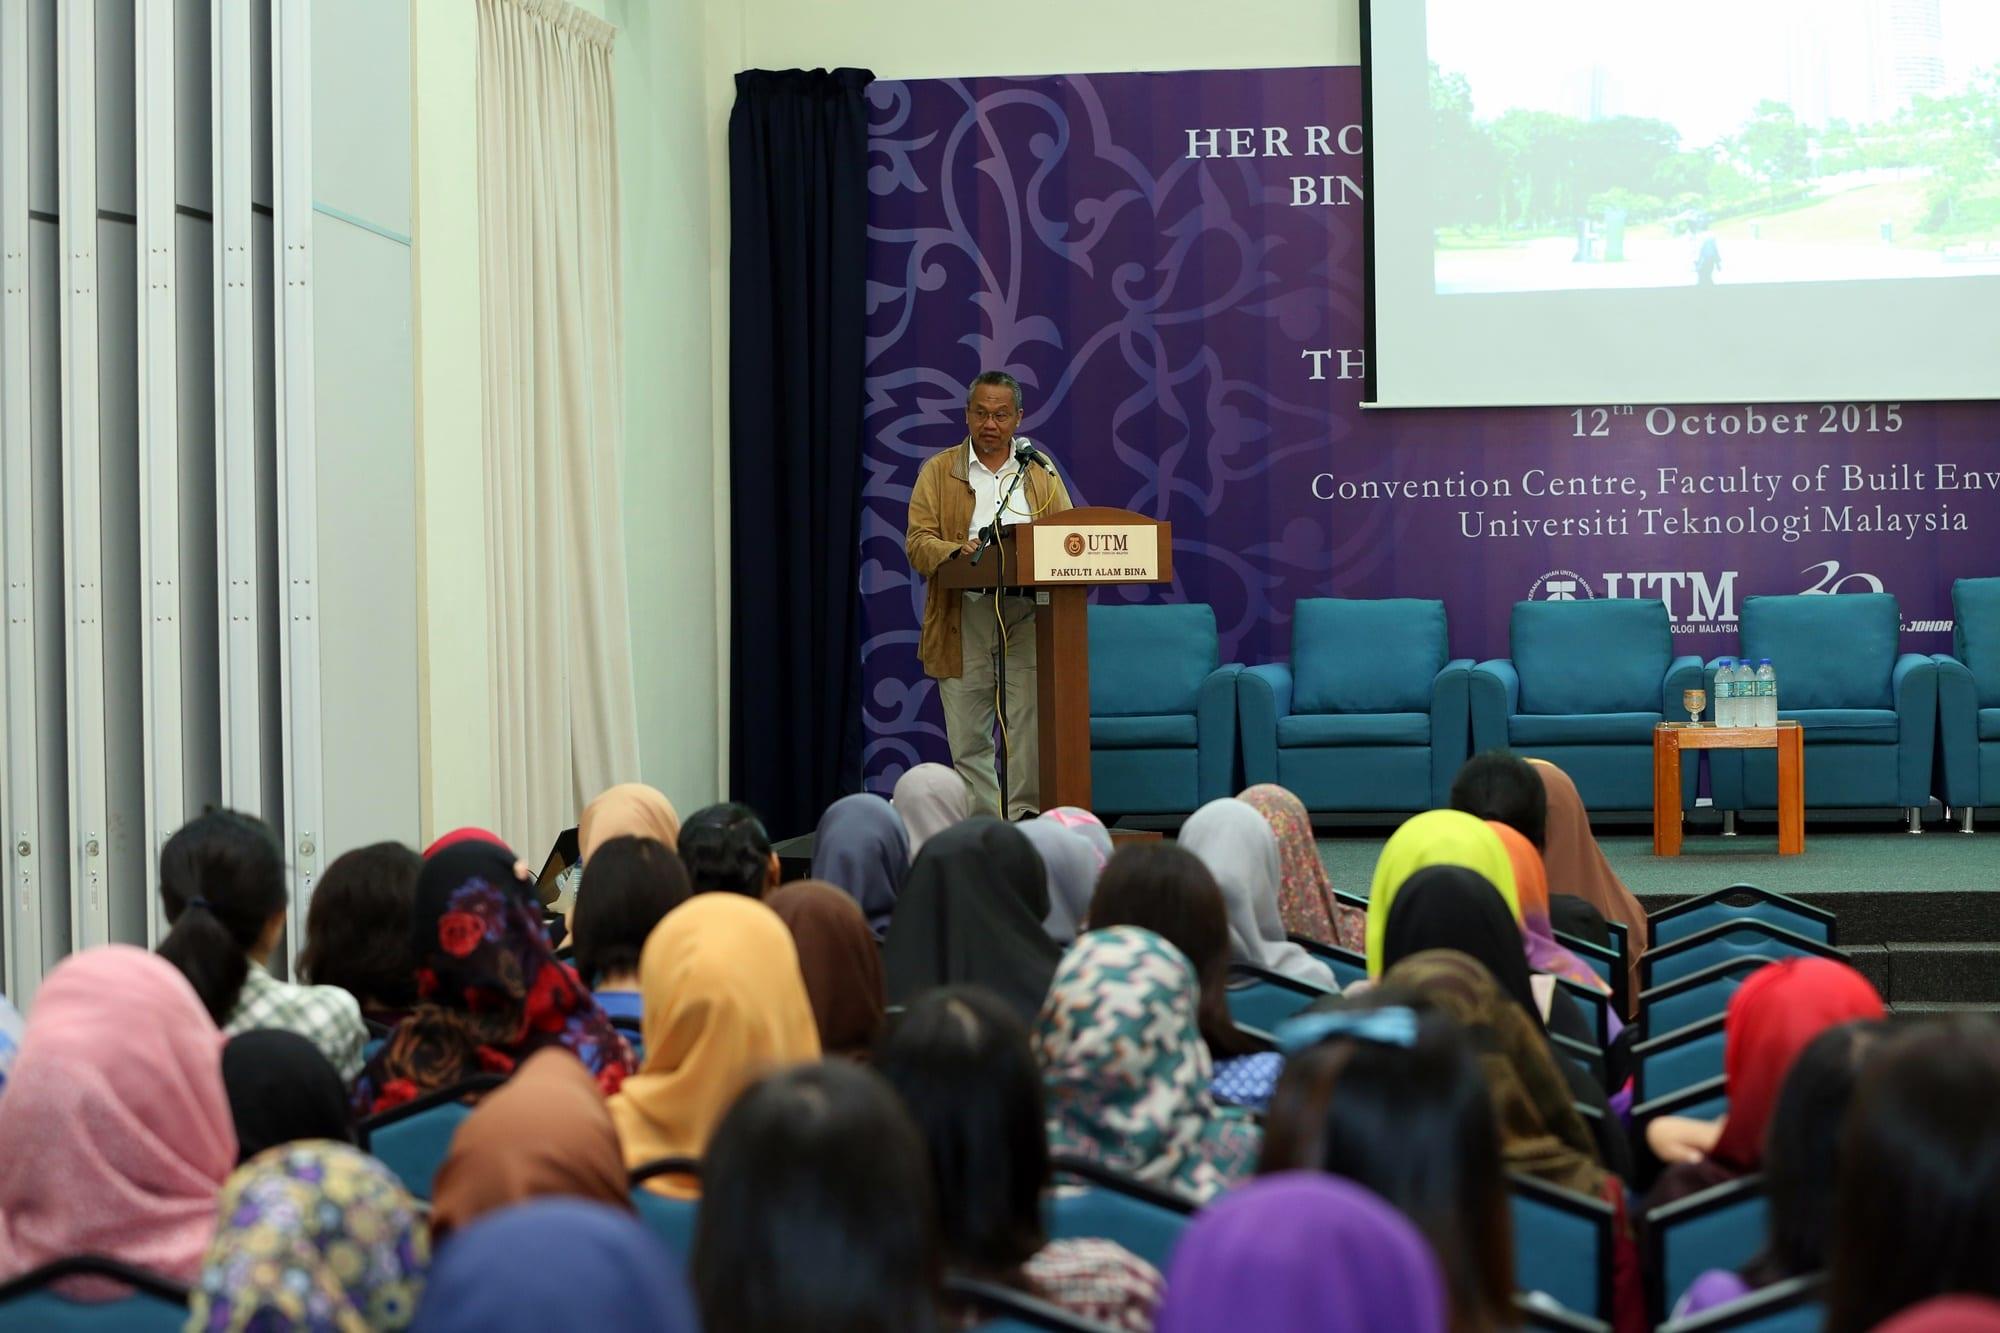 Professor Emeritus Day , Department of Landscape Architecture featuring Prof. Emeritus LAr. Dr. Ismawi Zen